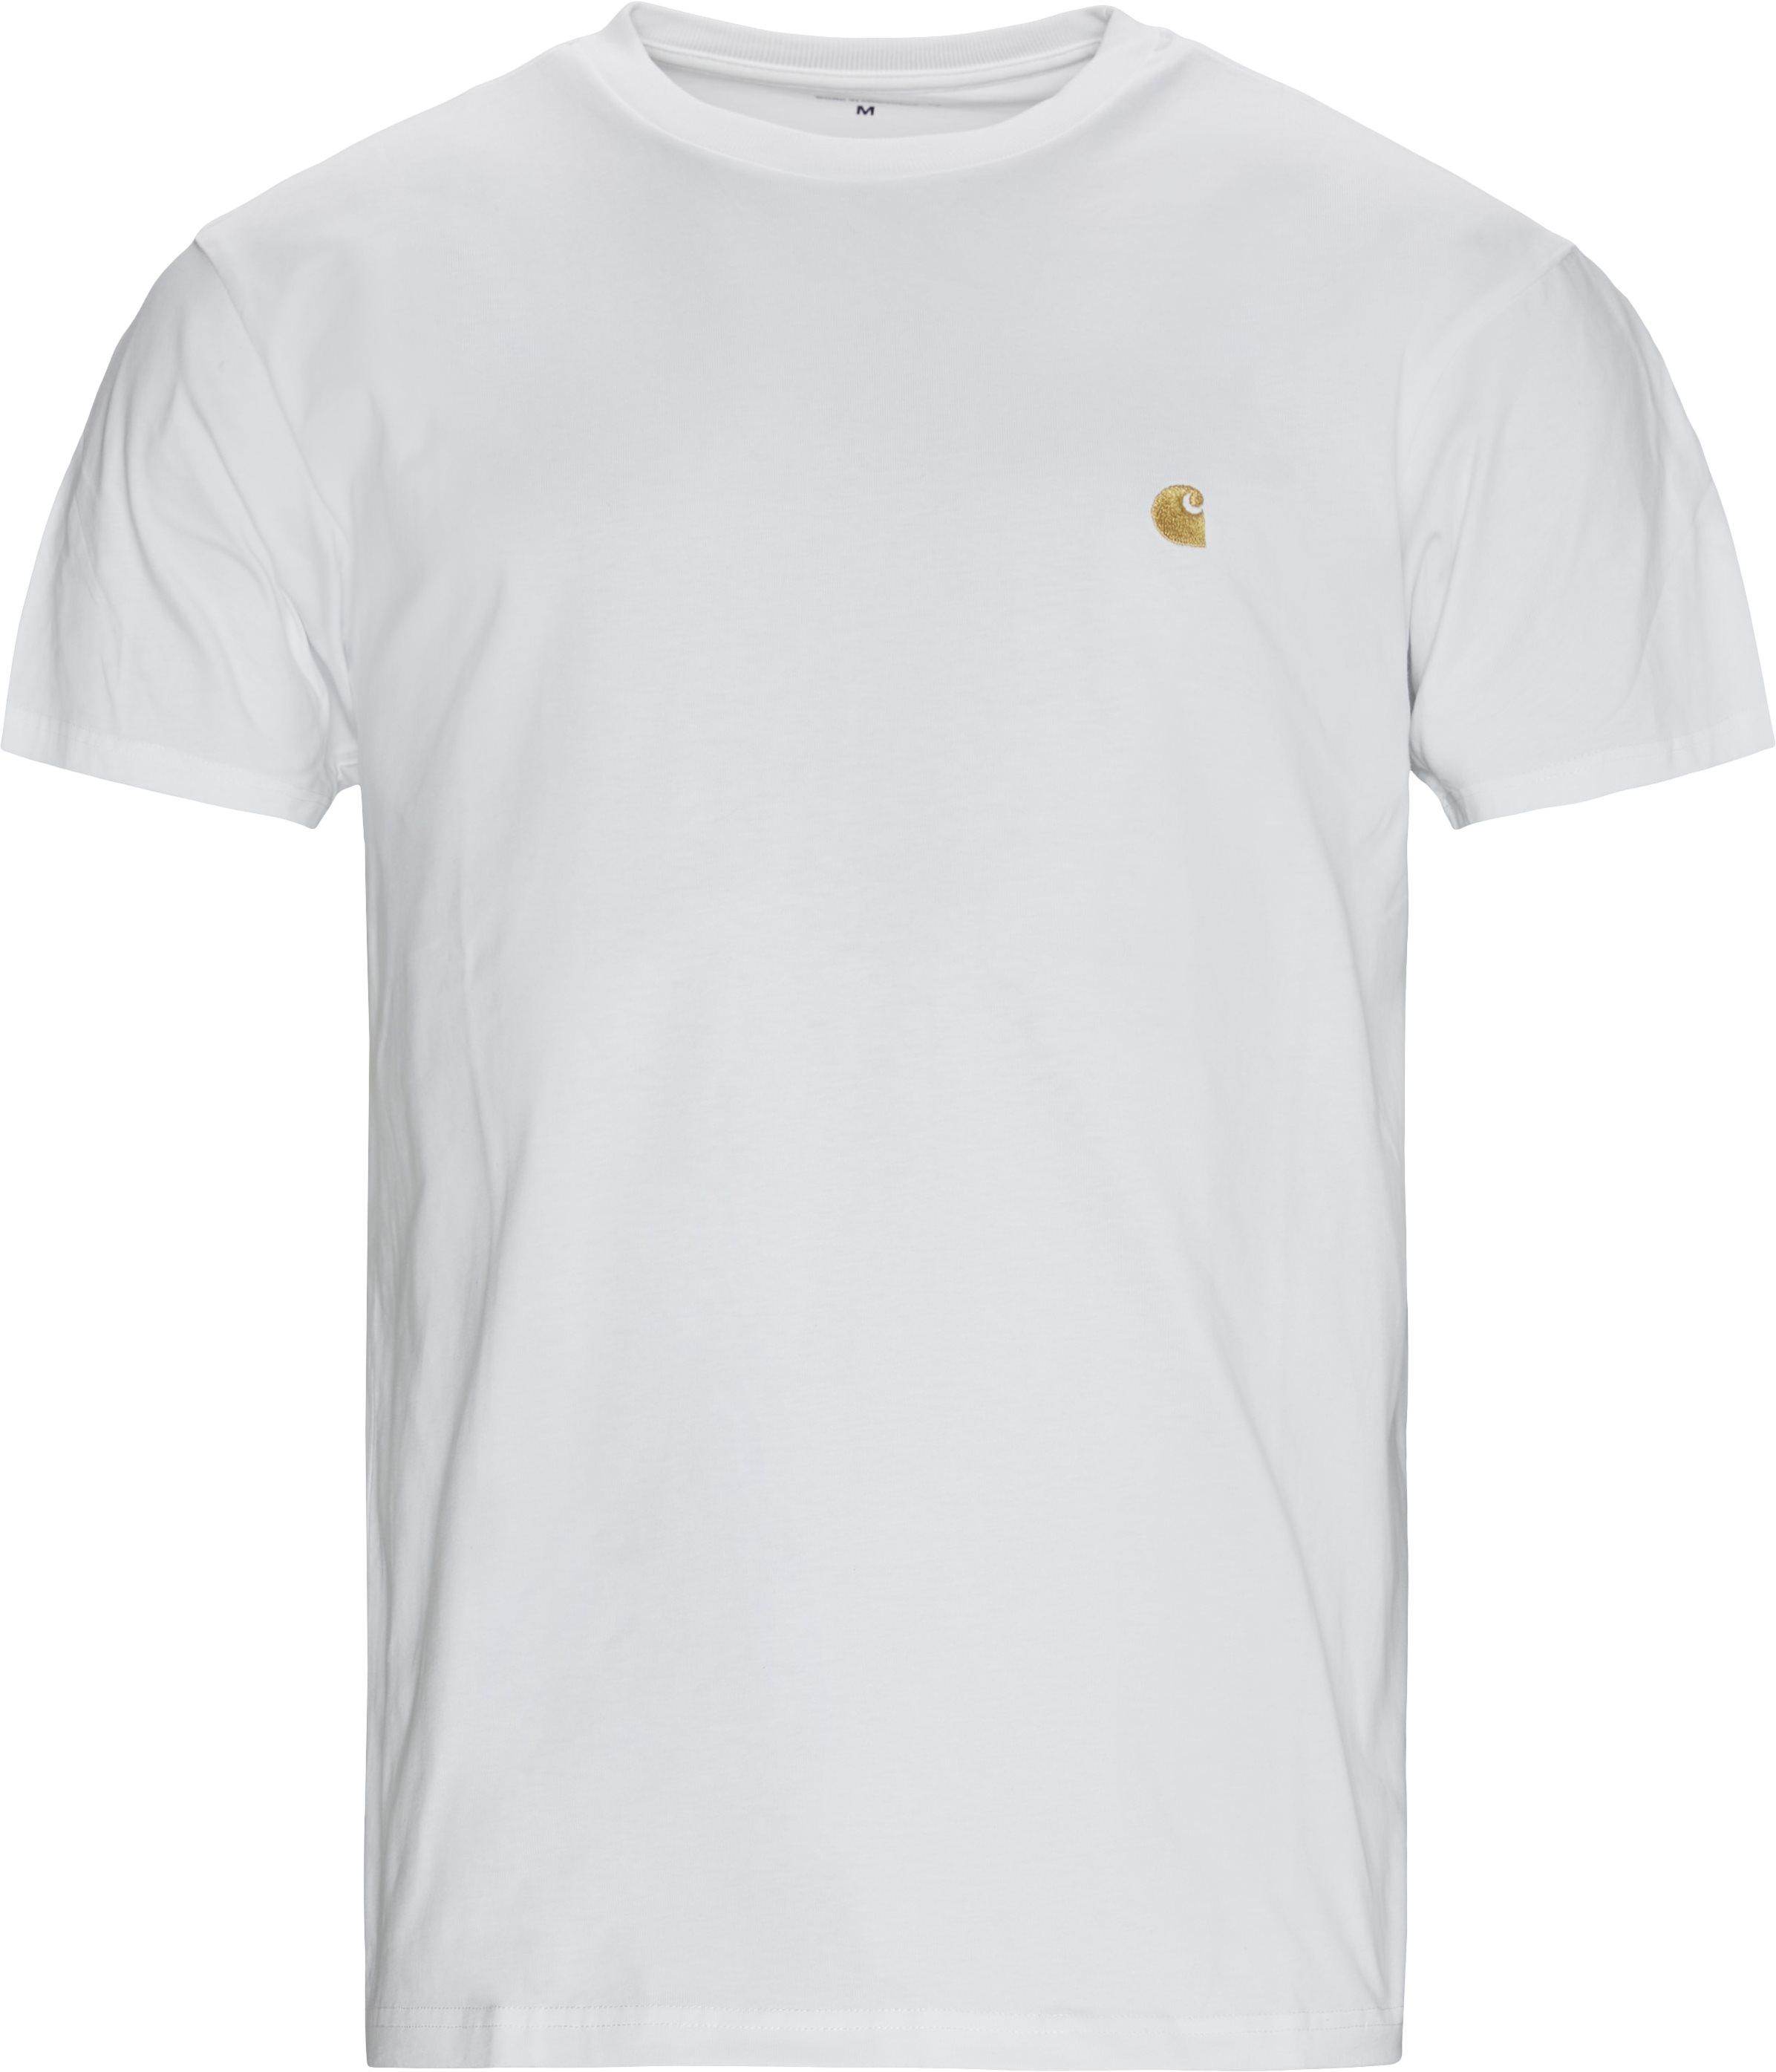 Chase Tee - T-shirts - Regular - Hvid